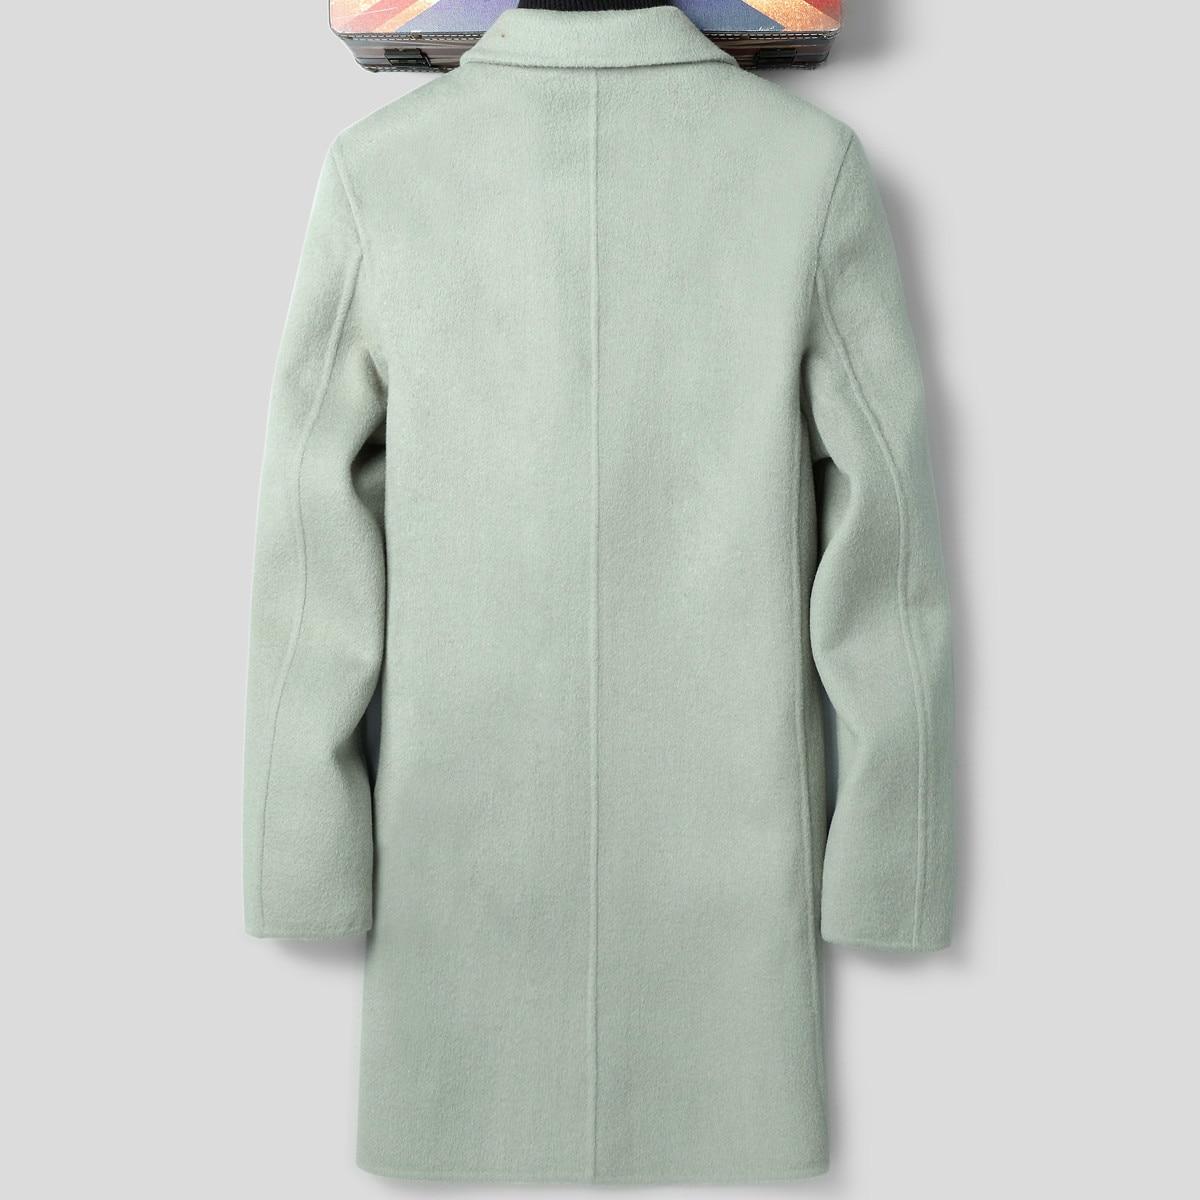 Handmade Double-sided Wool Coat Korean Spring Fall British Windbreaker Jacket Mens Coats And Jackets LSY088338 K1292